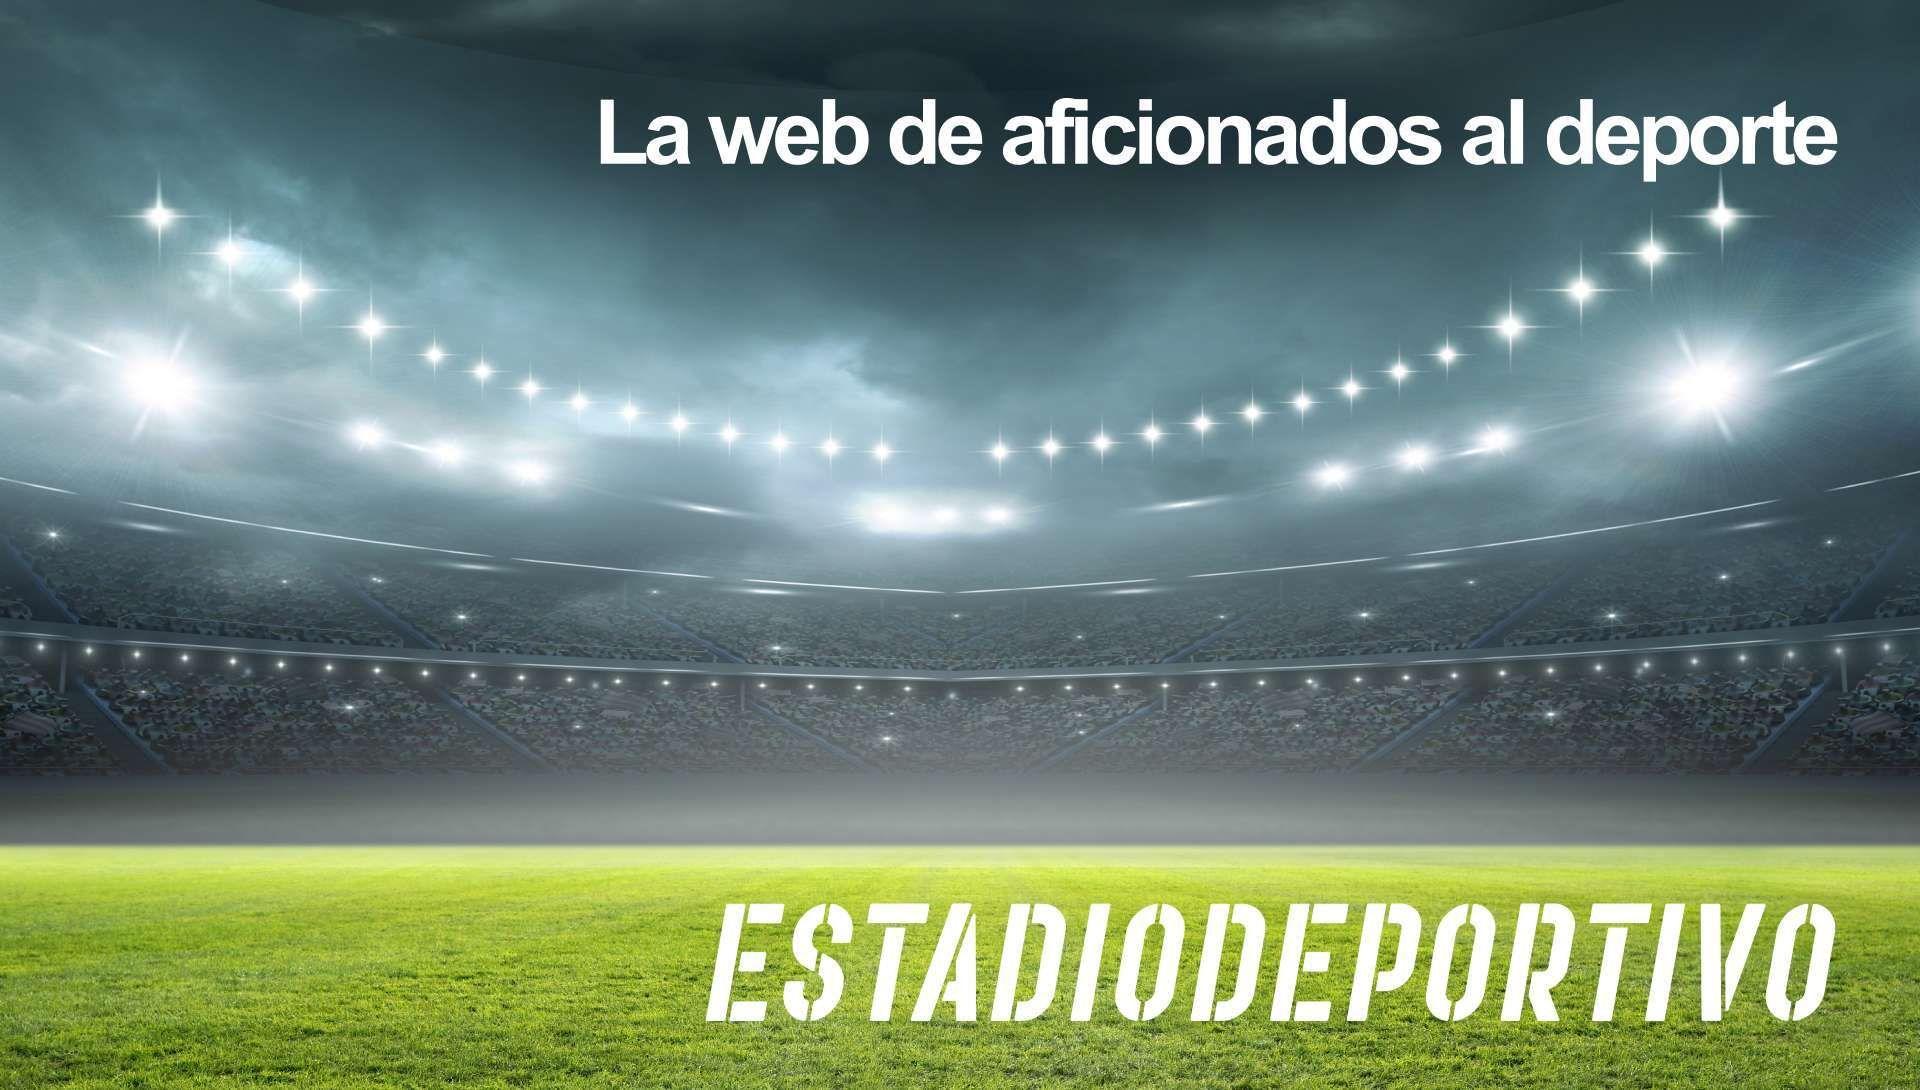 Las camisetas para la Euro 2020 Estadio deportivo